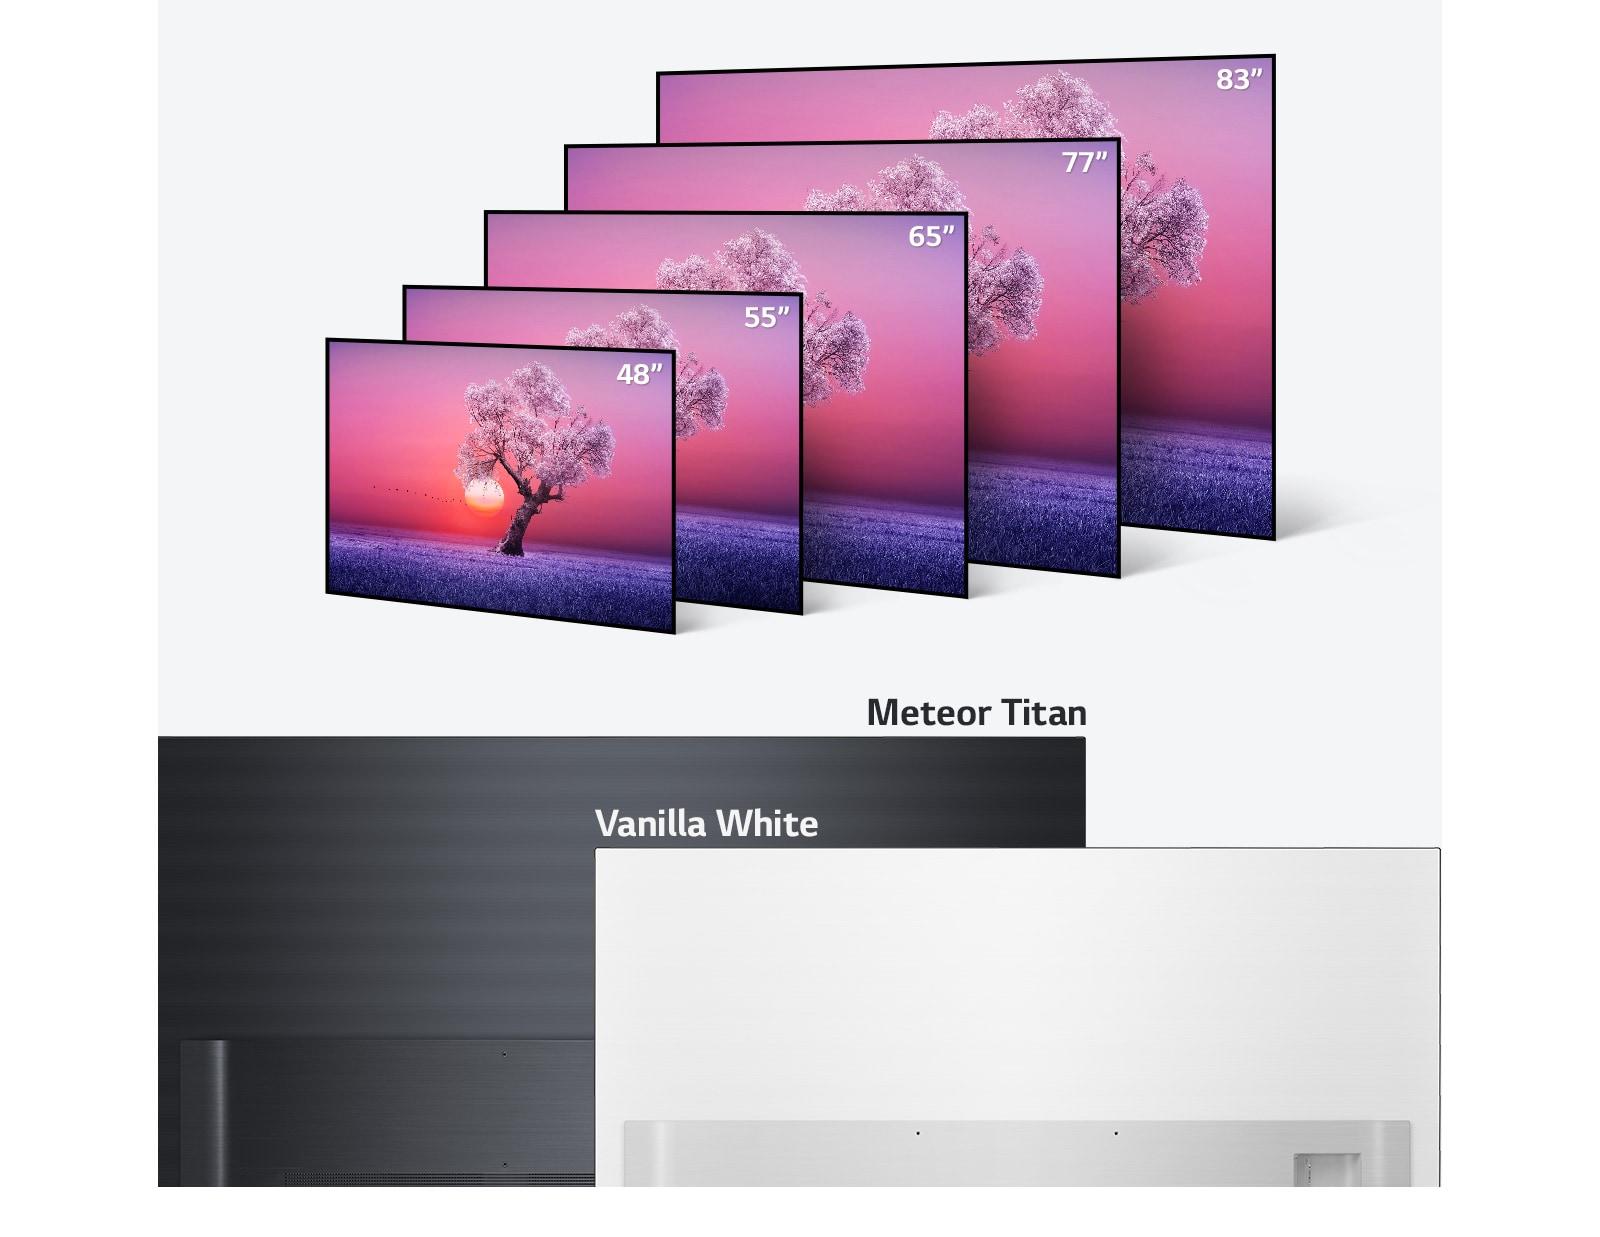 Televizijski program LG OLED TV v različnih velikostih od 48 do 83 palcev in svetlo črni in vanilijevo beli barvi